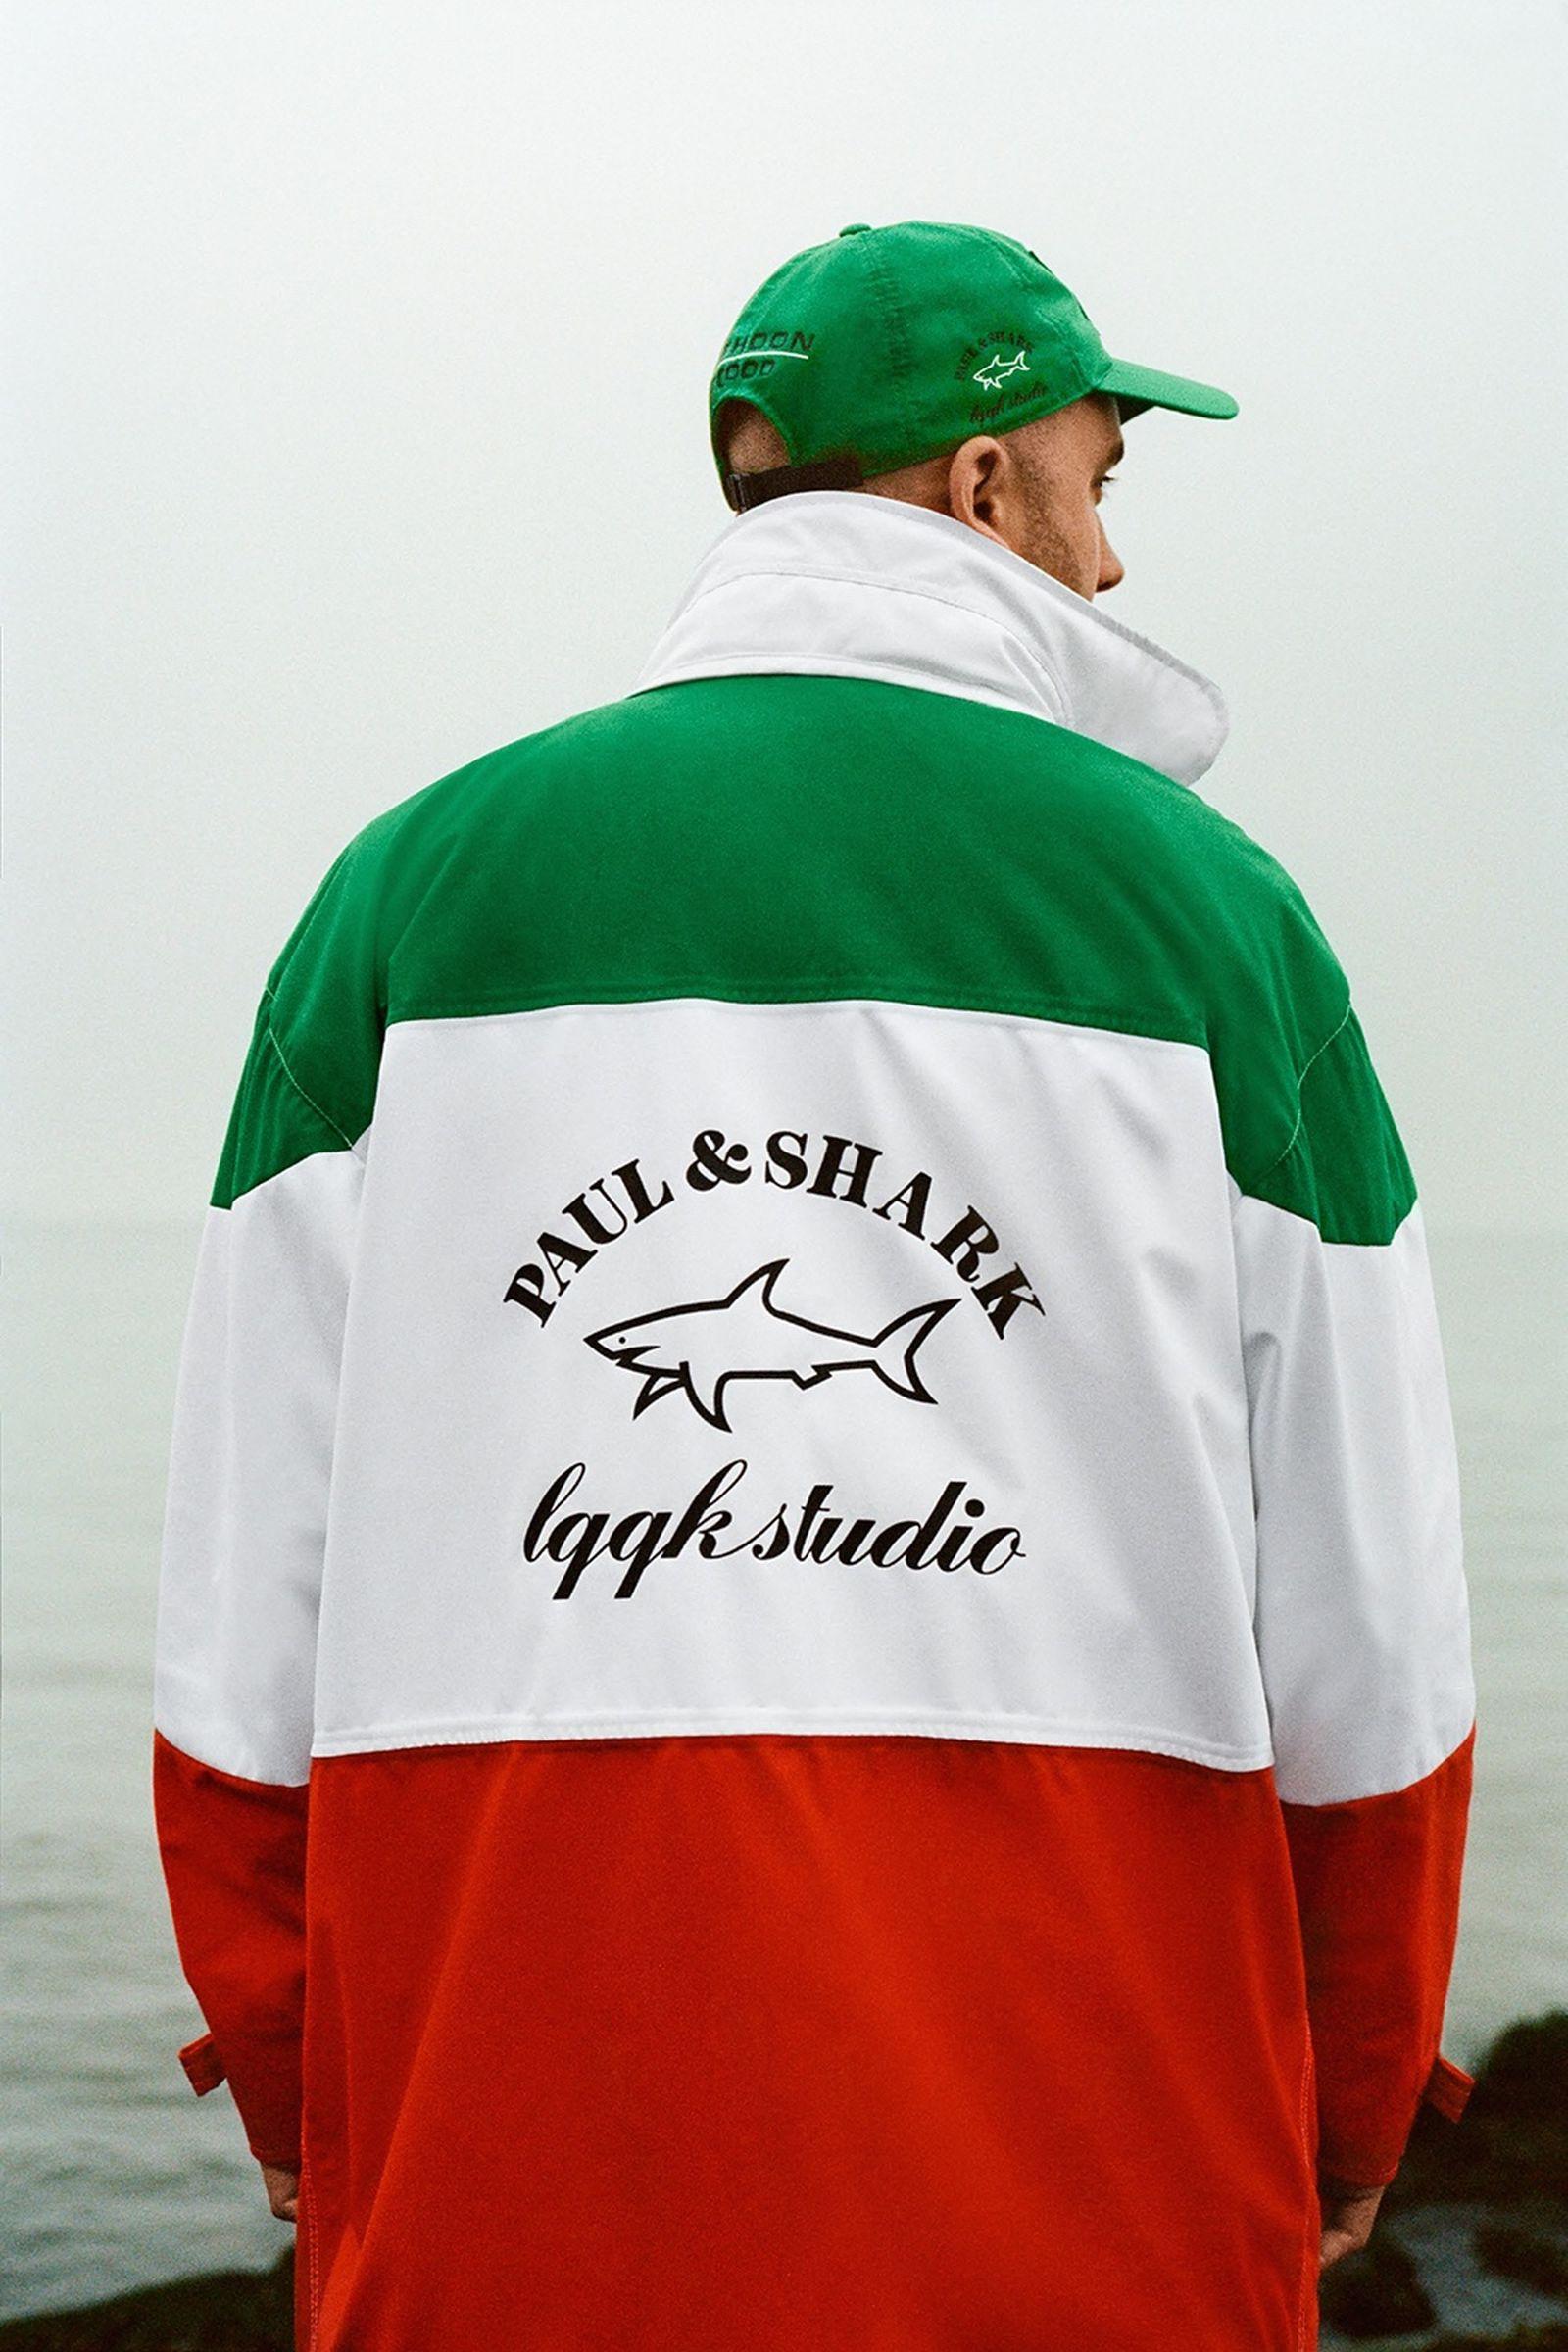 lqqk studio paul shark ss19 Paul & Shark